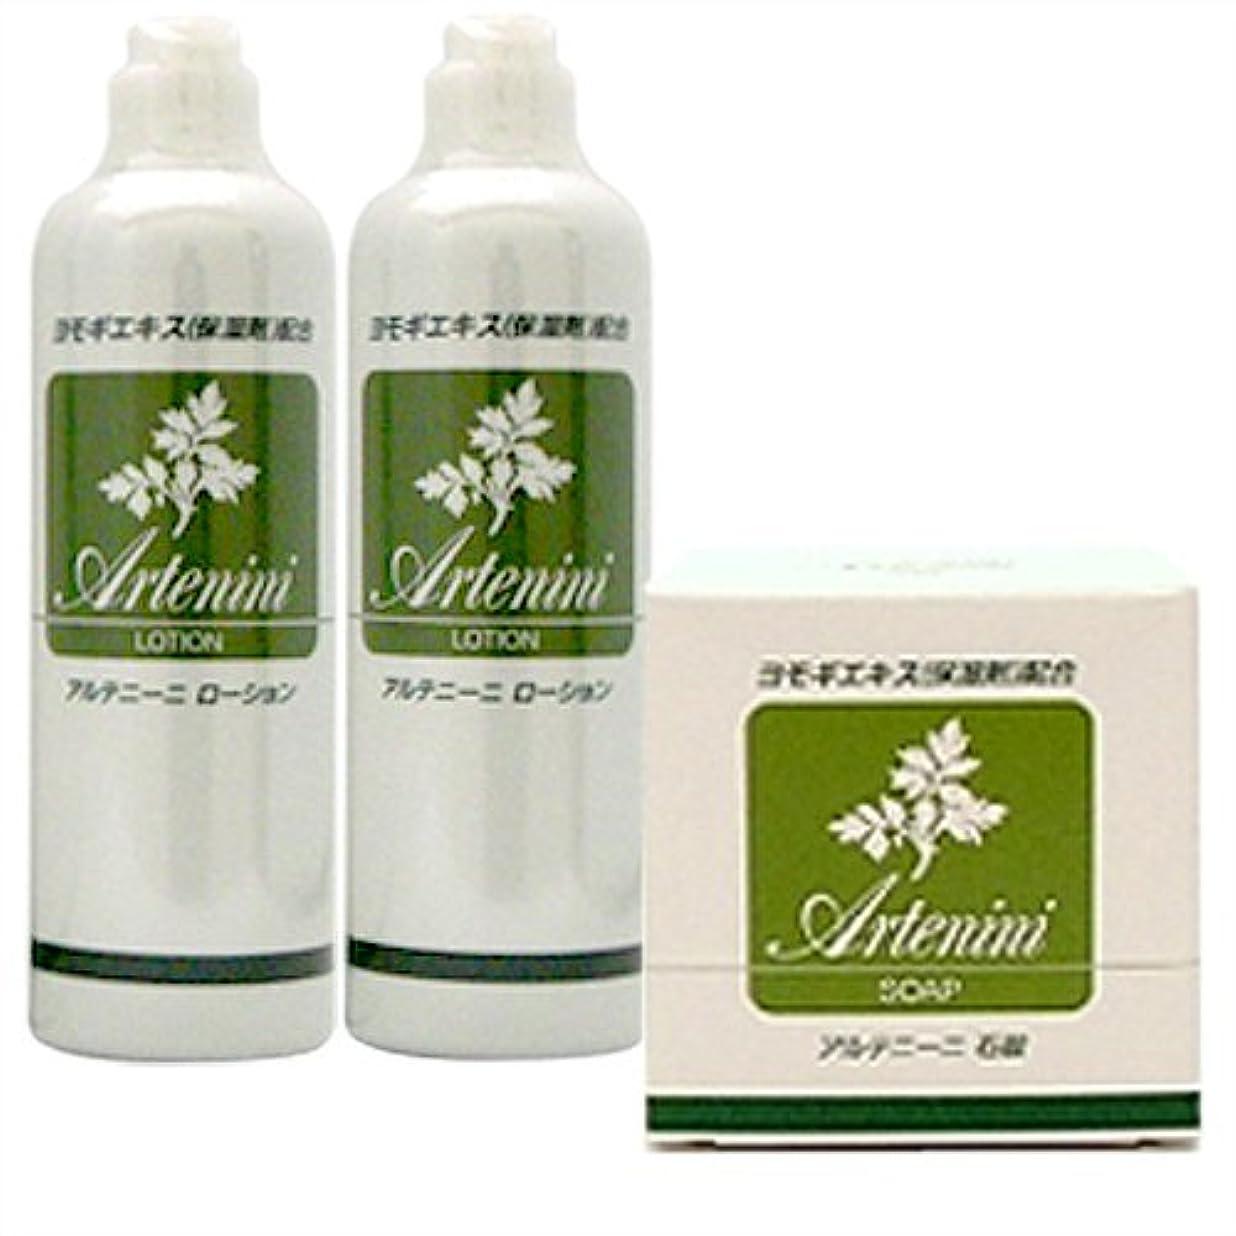 毒液緑さまようアルテニーニ ローション 300ml×2本 + アルテニーニ 石鹸 90g セット